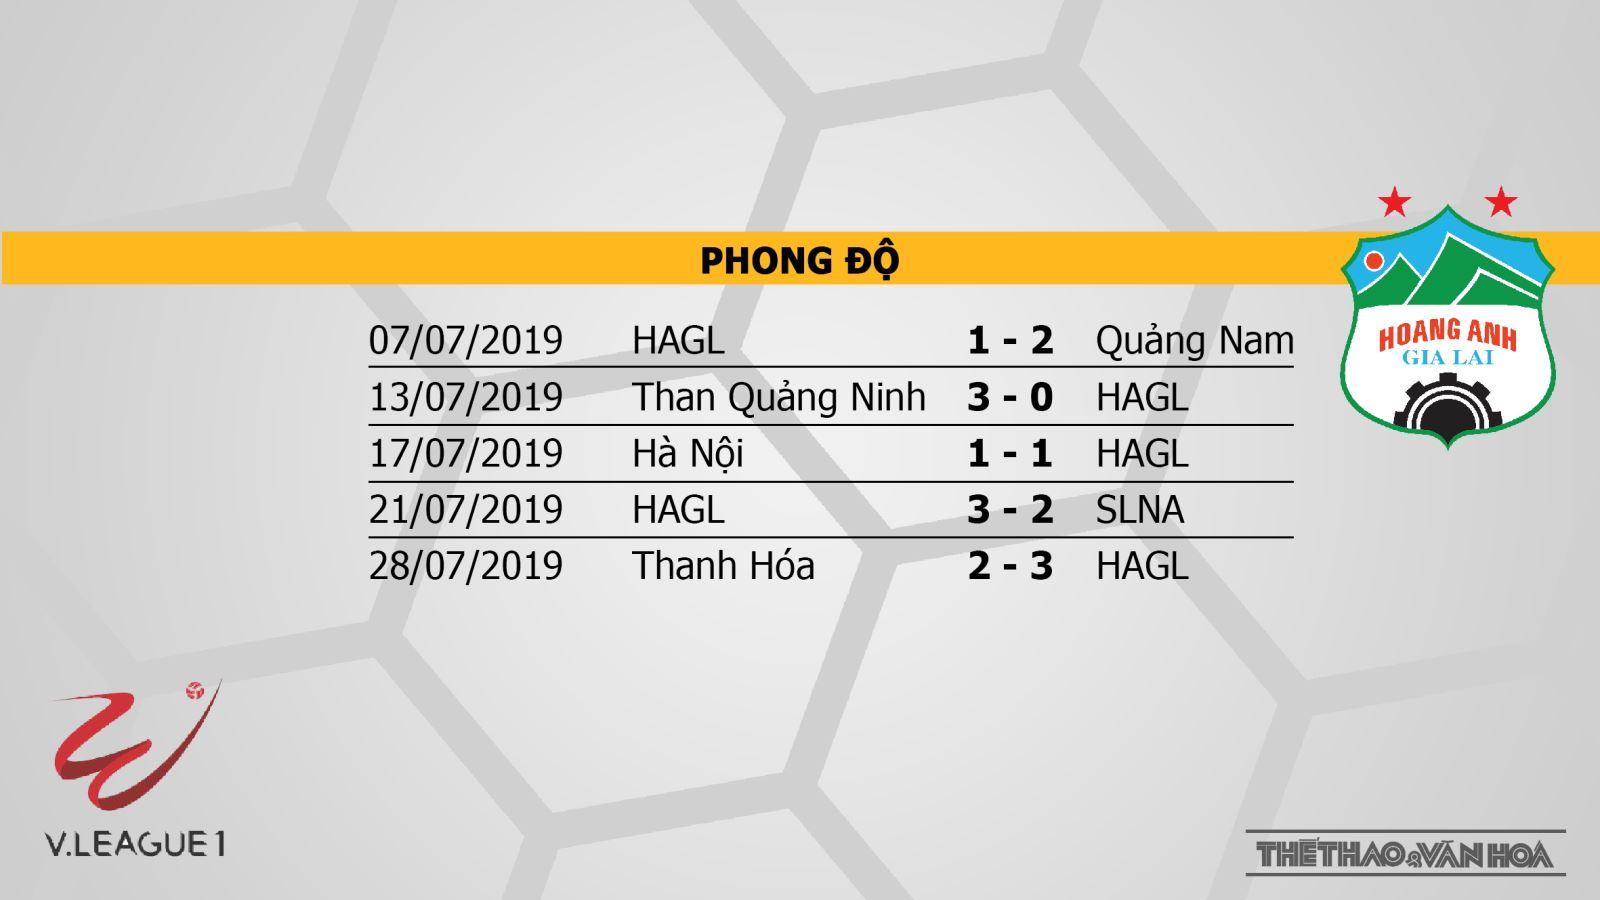 """""""V-League 2019, V League 2019, Hà Nội Club, SLNA vs Viettel, Hải Phòng vs Sài Gòn, Quảng Nam vs Thanh Hóa, Hà Nội vs Becamex Bình Dương, DNH Nam Định vs HAGL, Than Quảng Ninh vs SHB Đà N"""